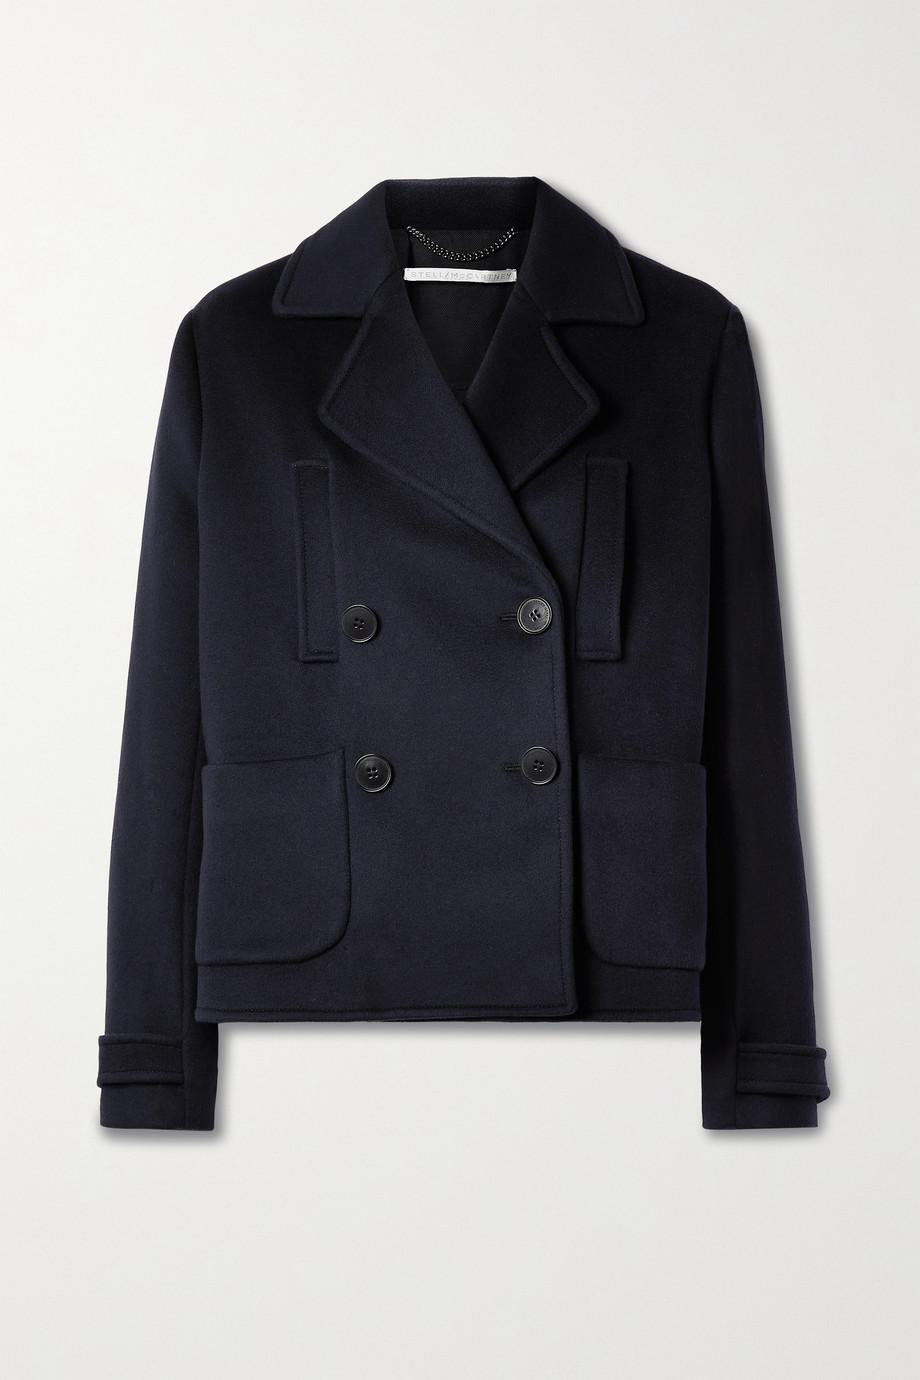 Stella McCartney Rebecca doppelreihiger Mantel aus Wolle